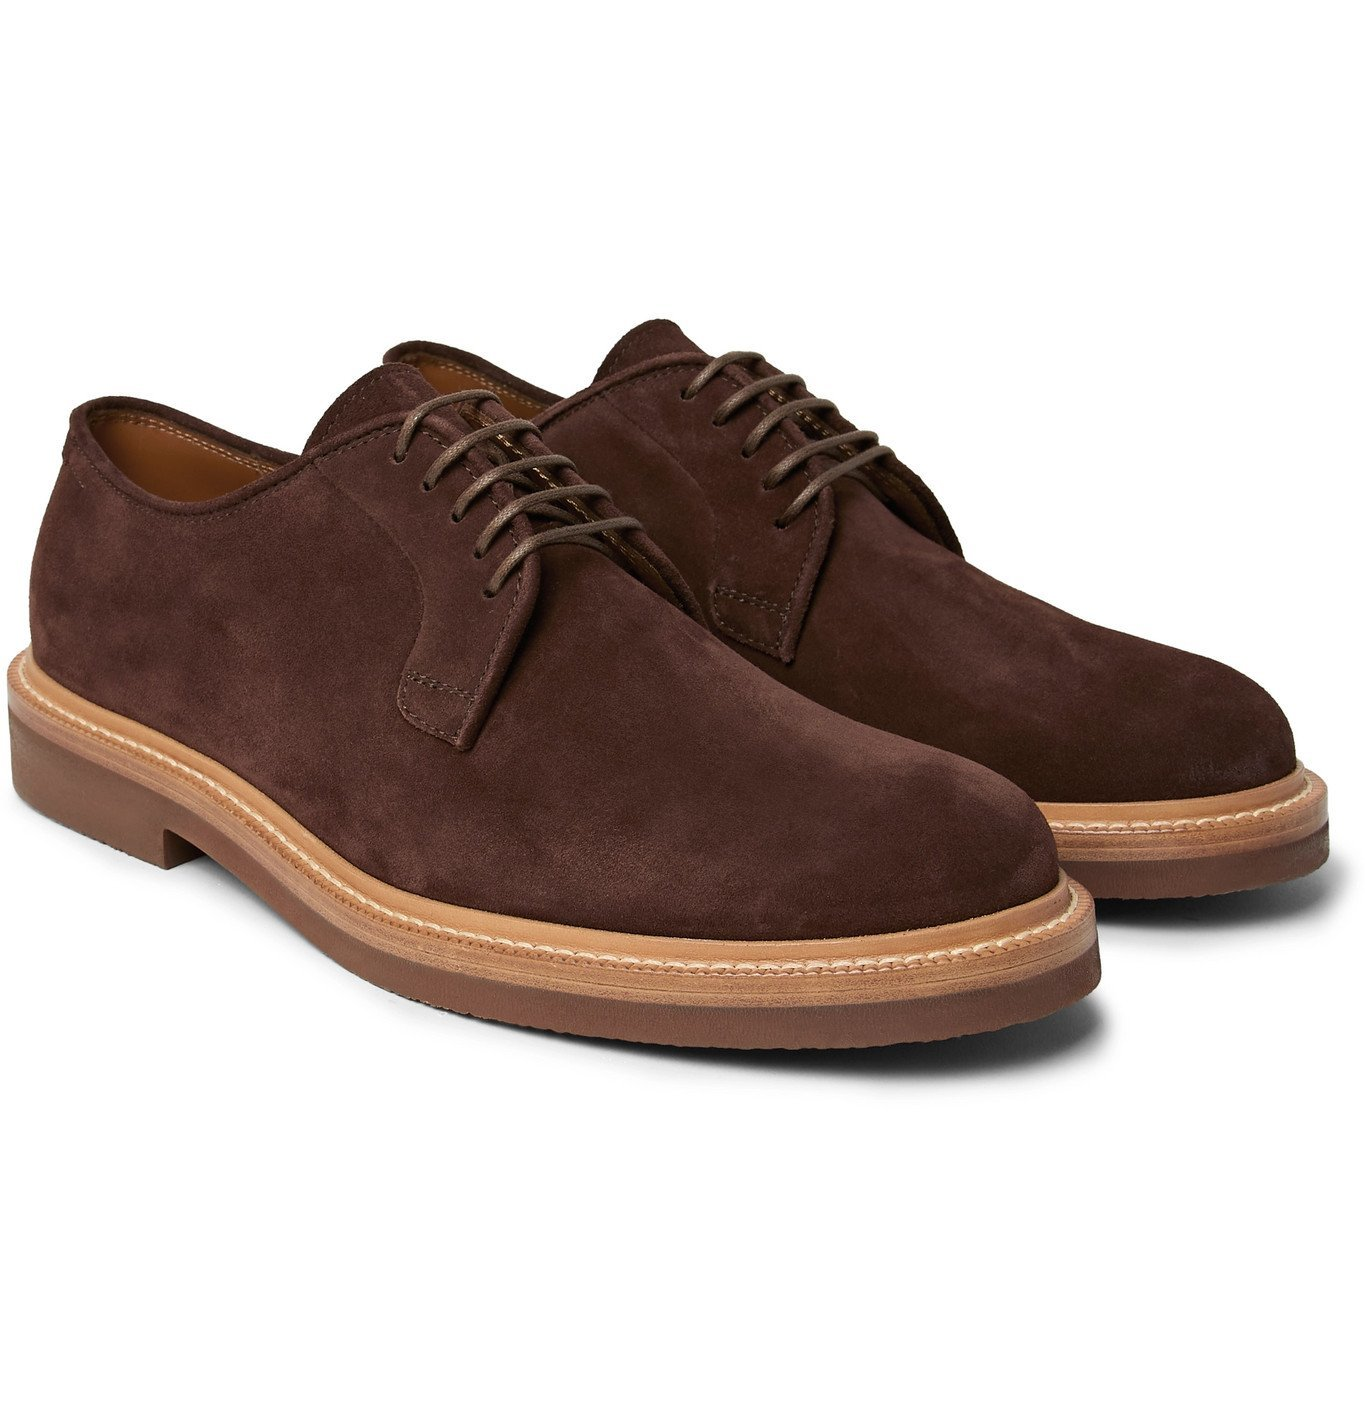 Brunello Cucinelli - Suede Derby Shoes - Brown